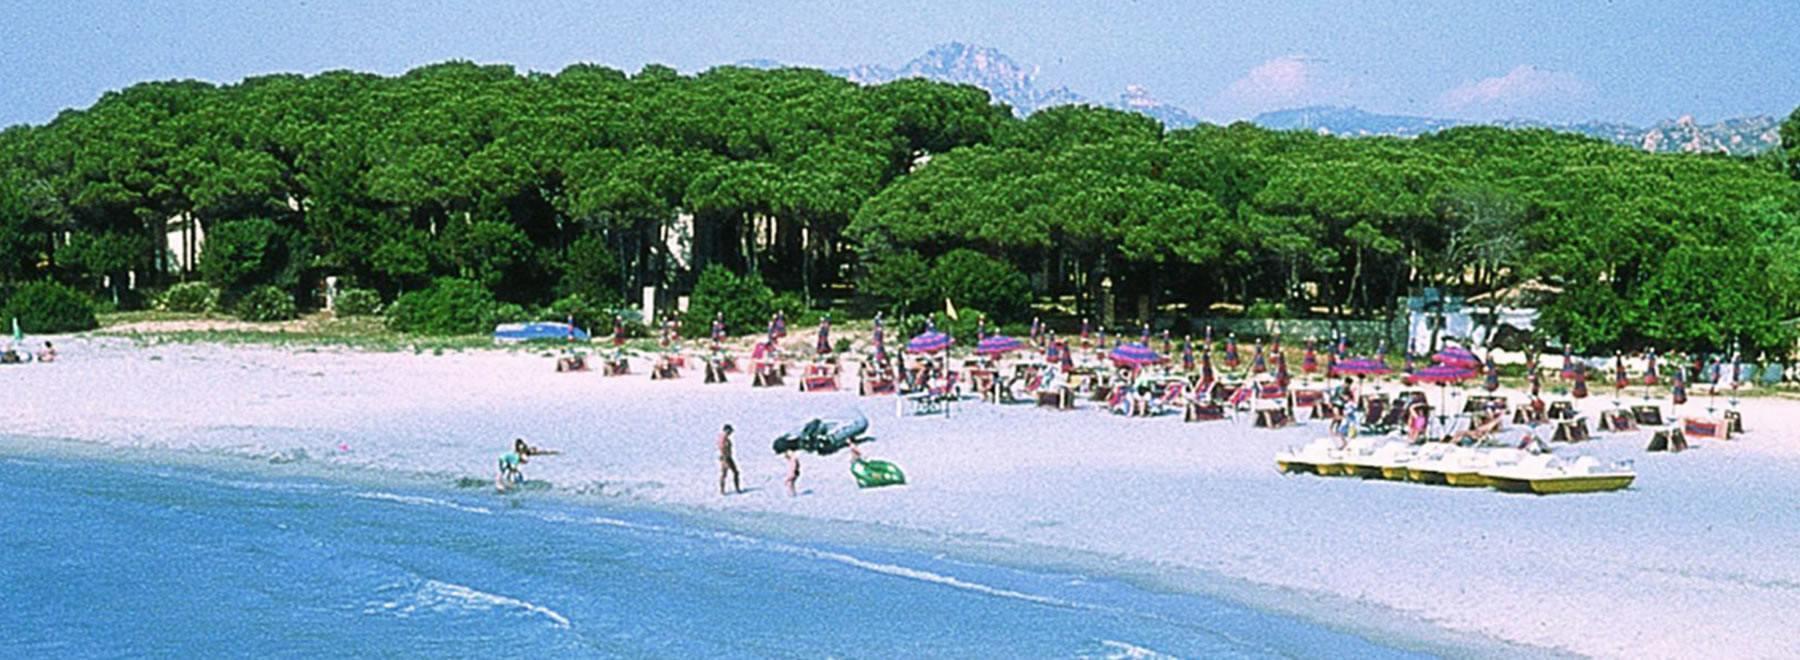 Cala Liberotto  Sardegna - Italia